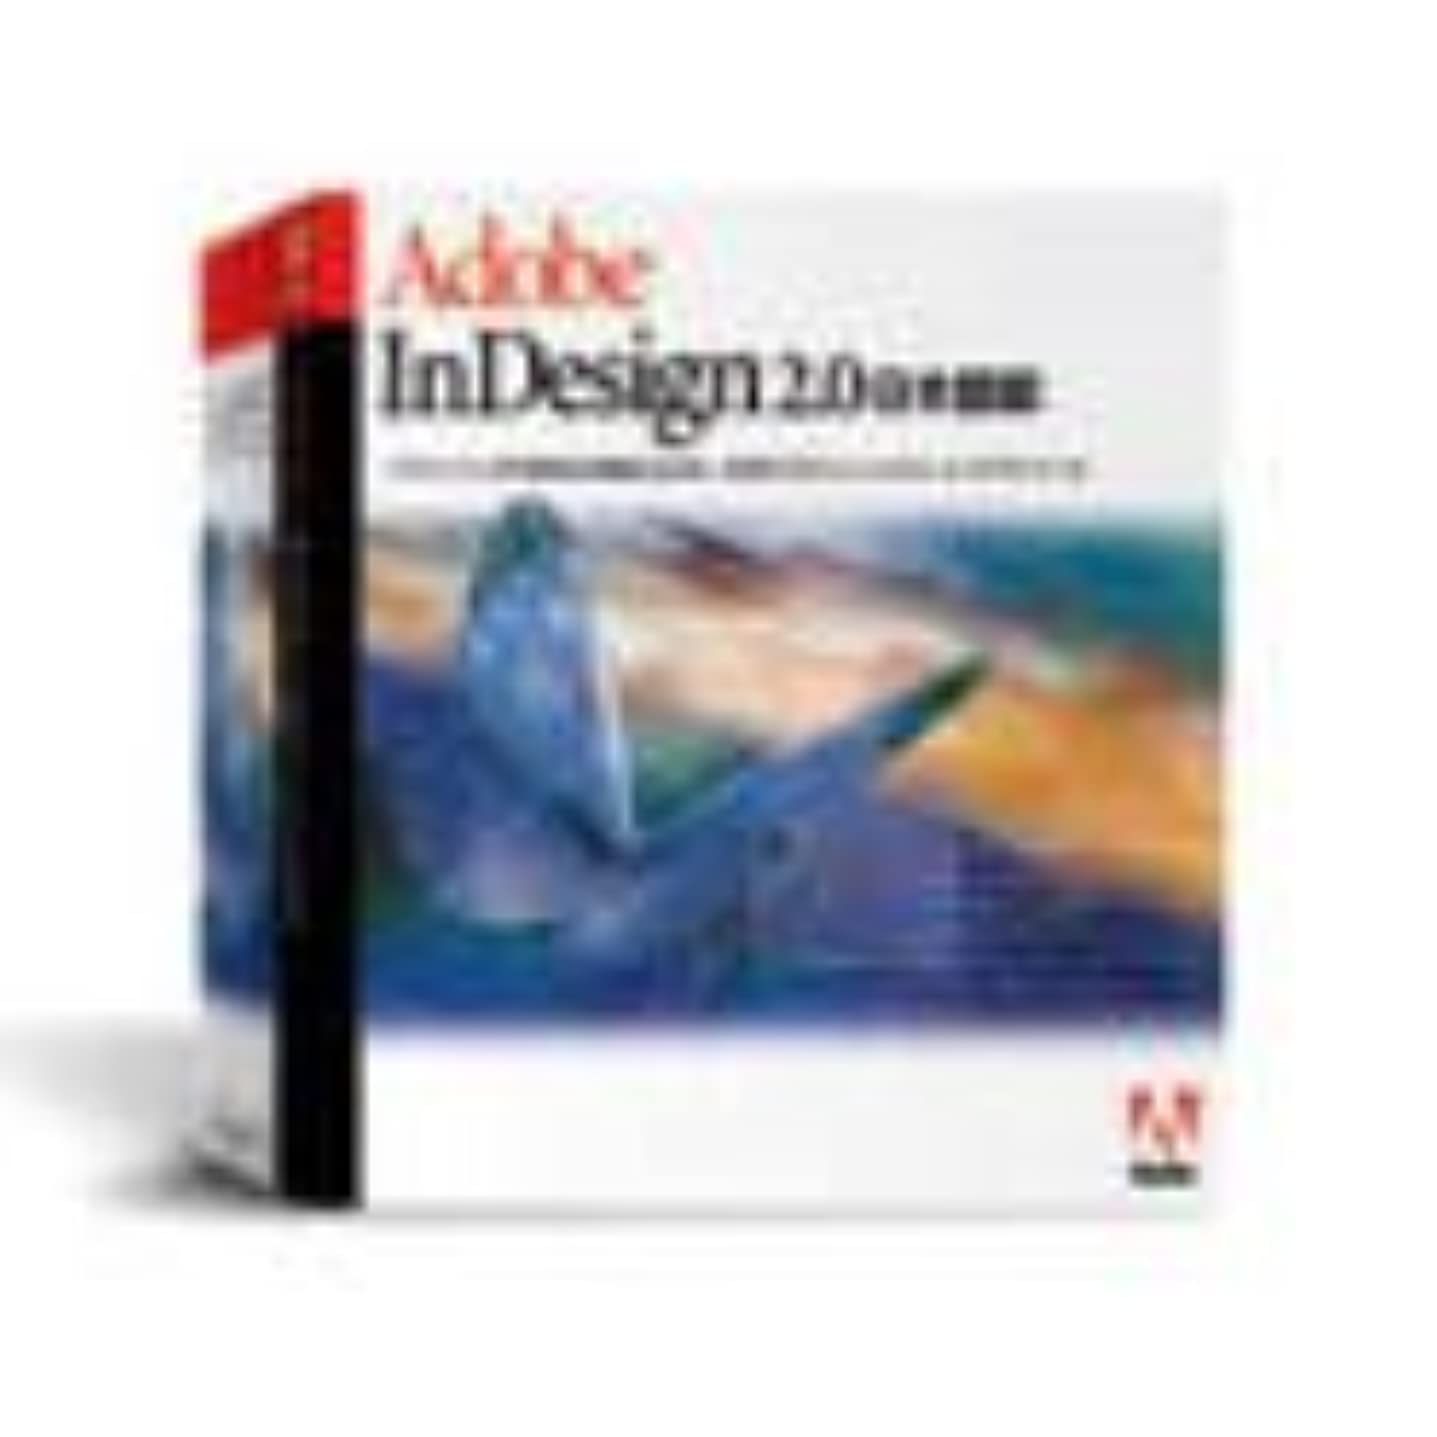 トラフィック意味夕方Adobe InDesign 2.0 日本語版 Macintosh版